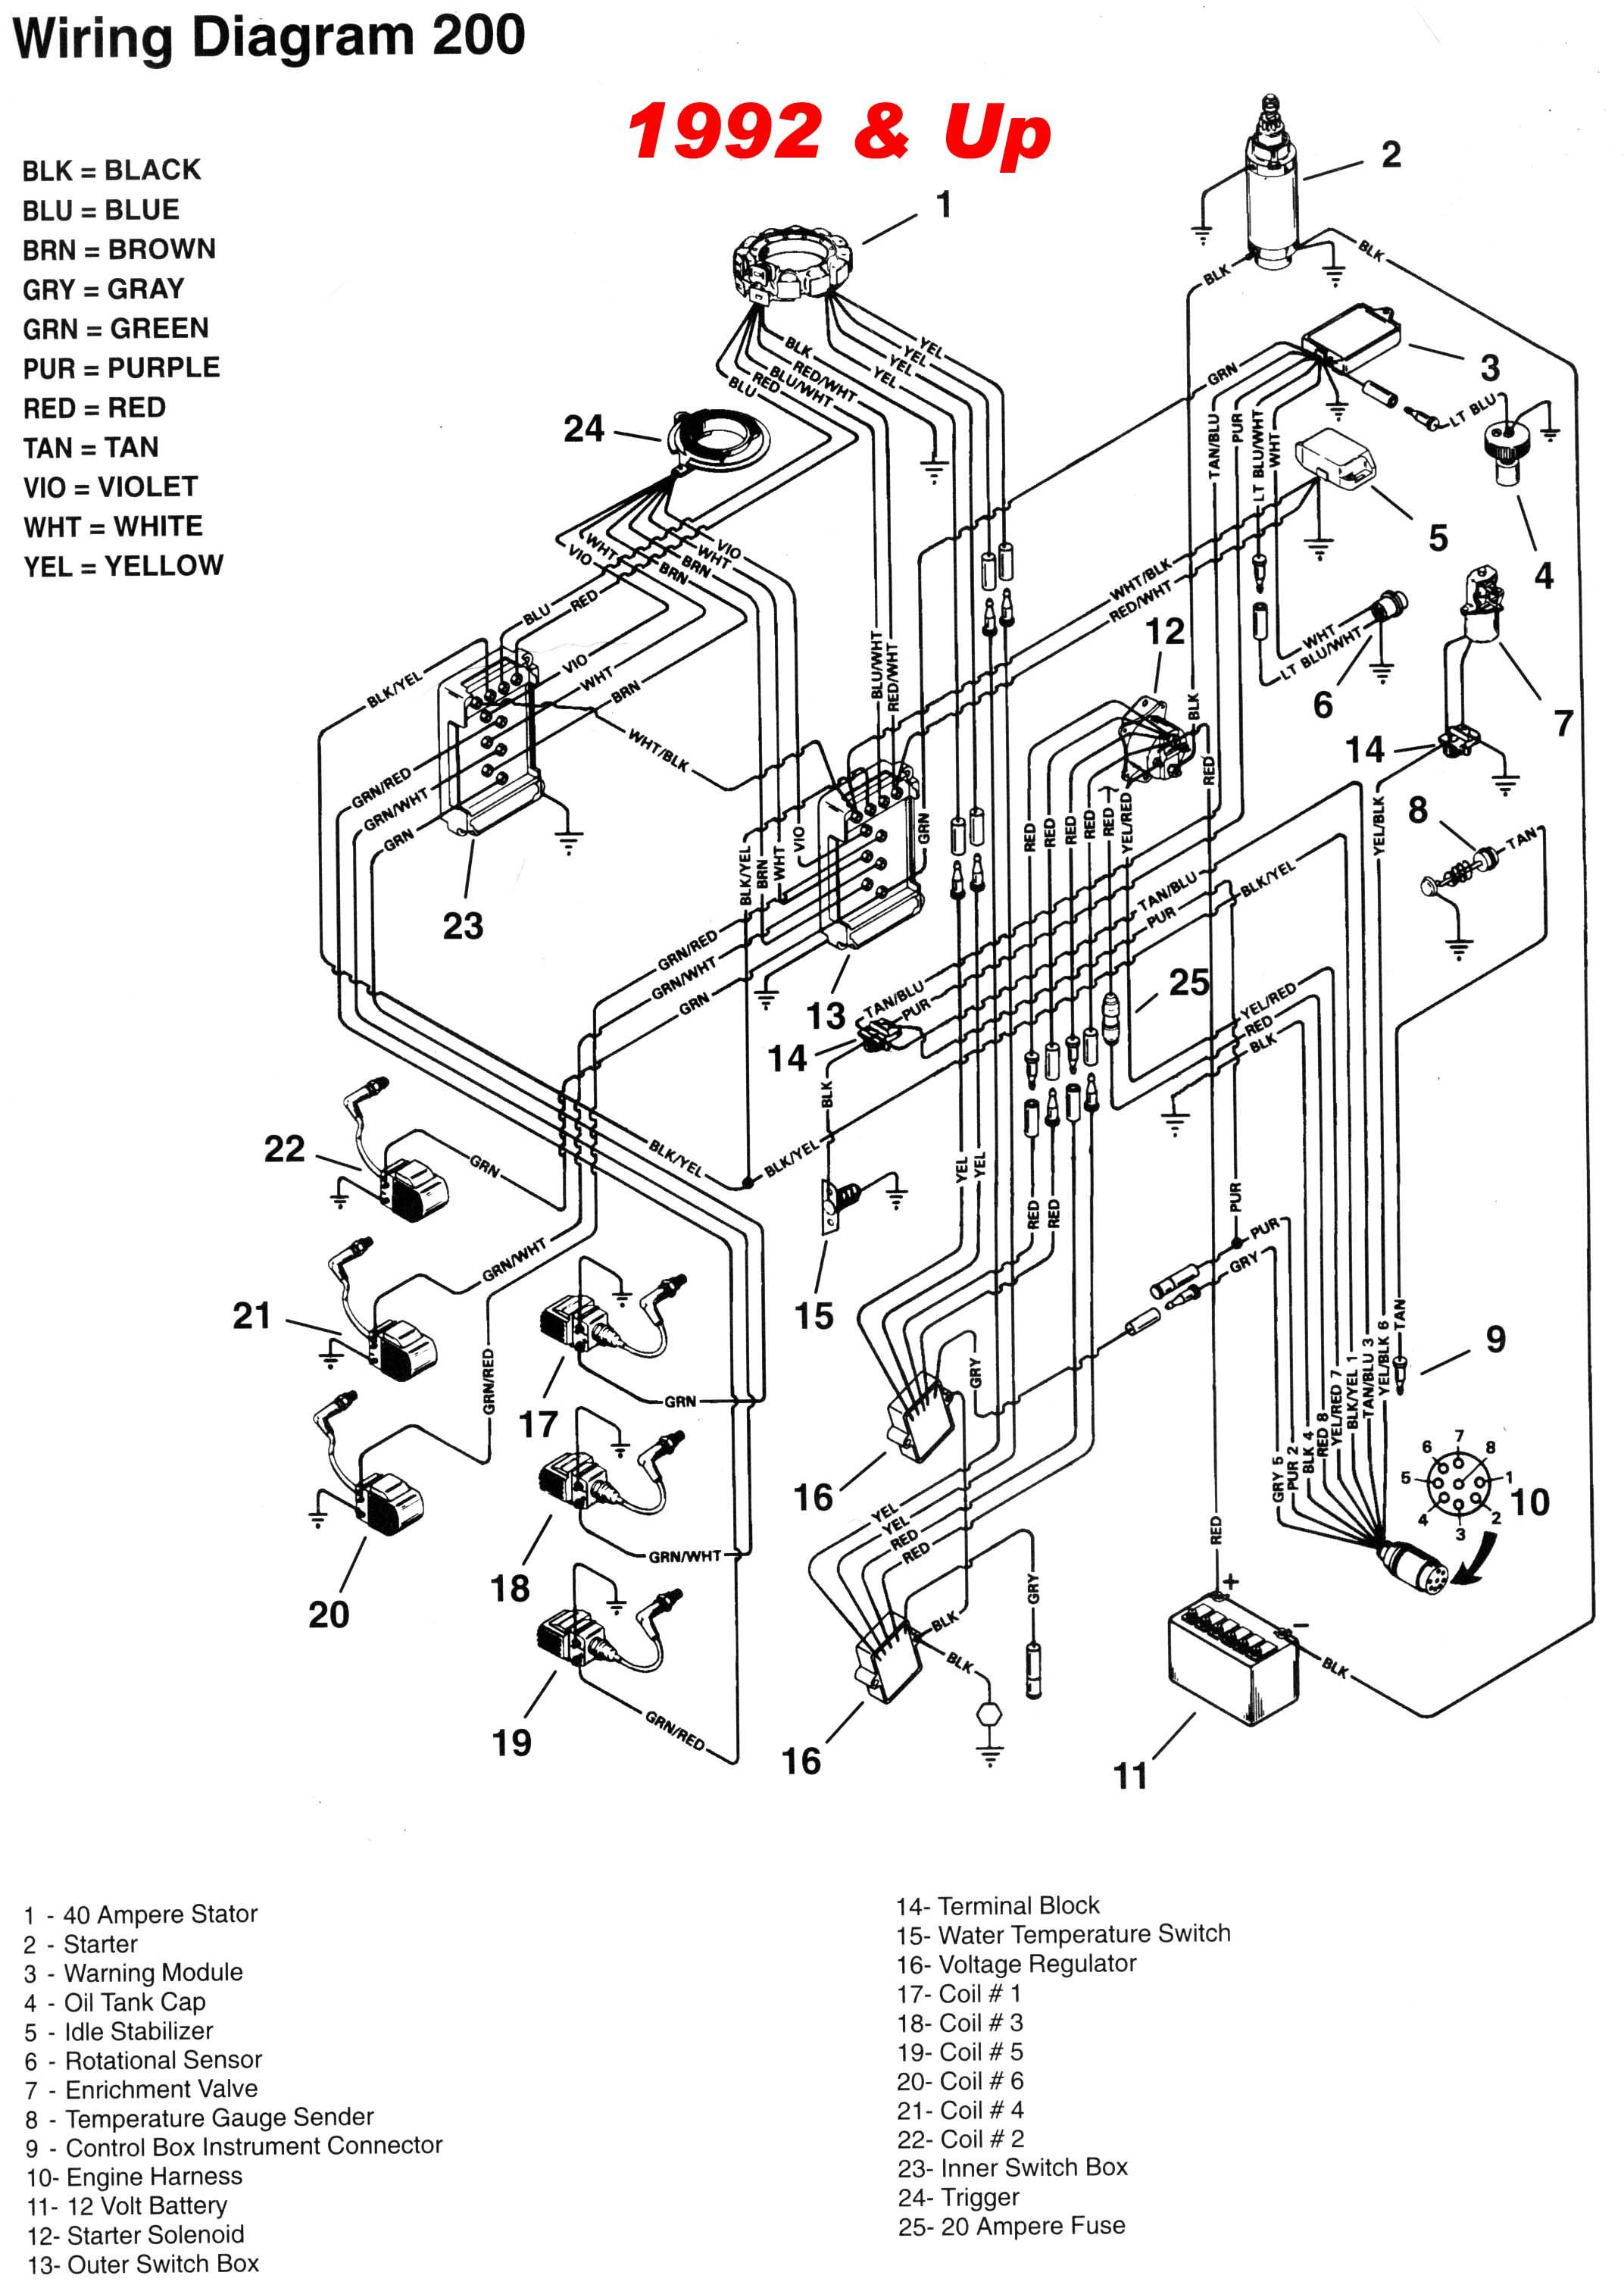 Suzuki Outboard Wiring Harness Diagram: Magnificent 150 Hp Suzuki Wiring  Schematics Pictures Inspiration rh: